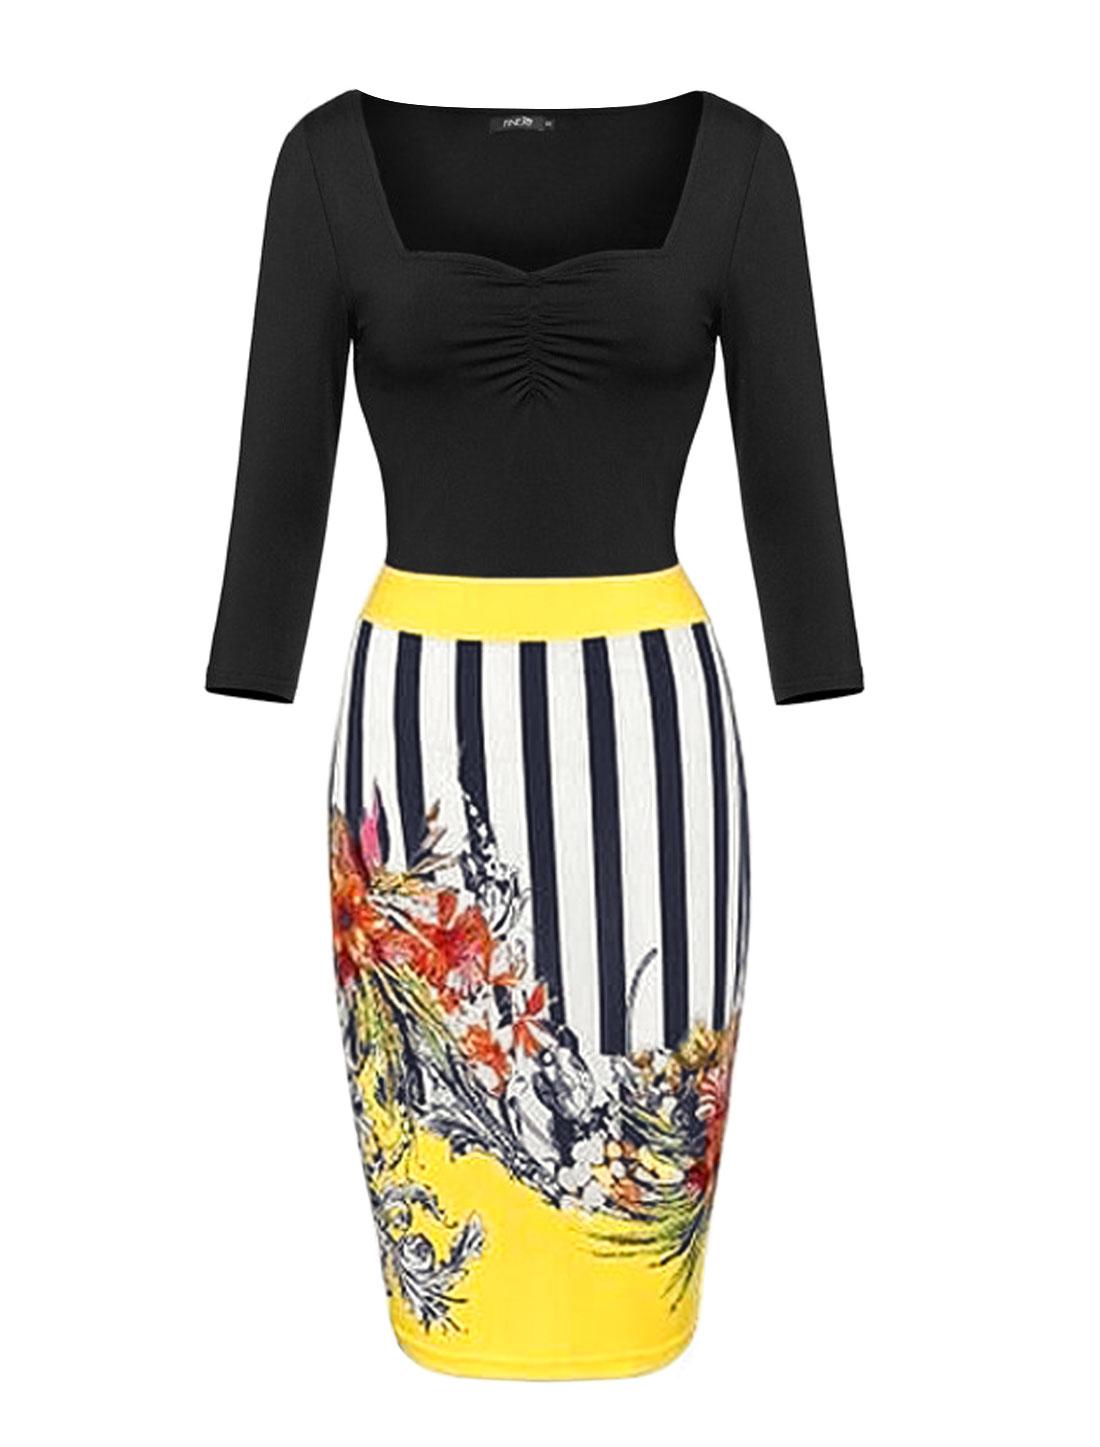 Women Asymmetric Neck Stripes Floral Prints Sheath Dress Yellow L